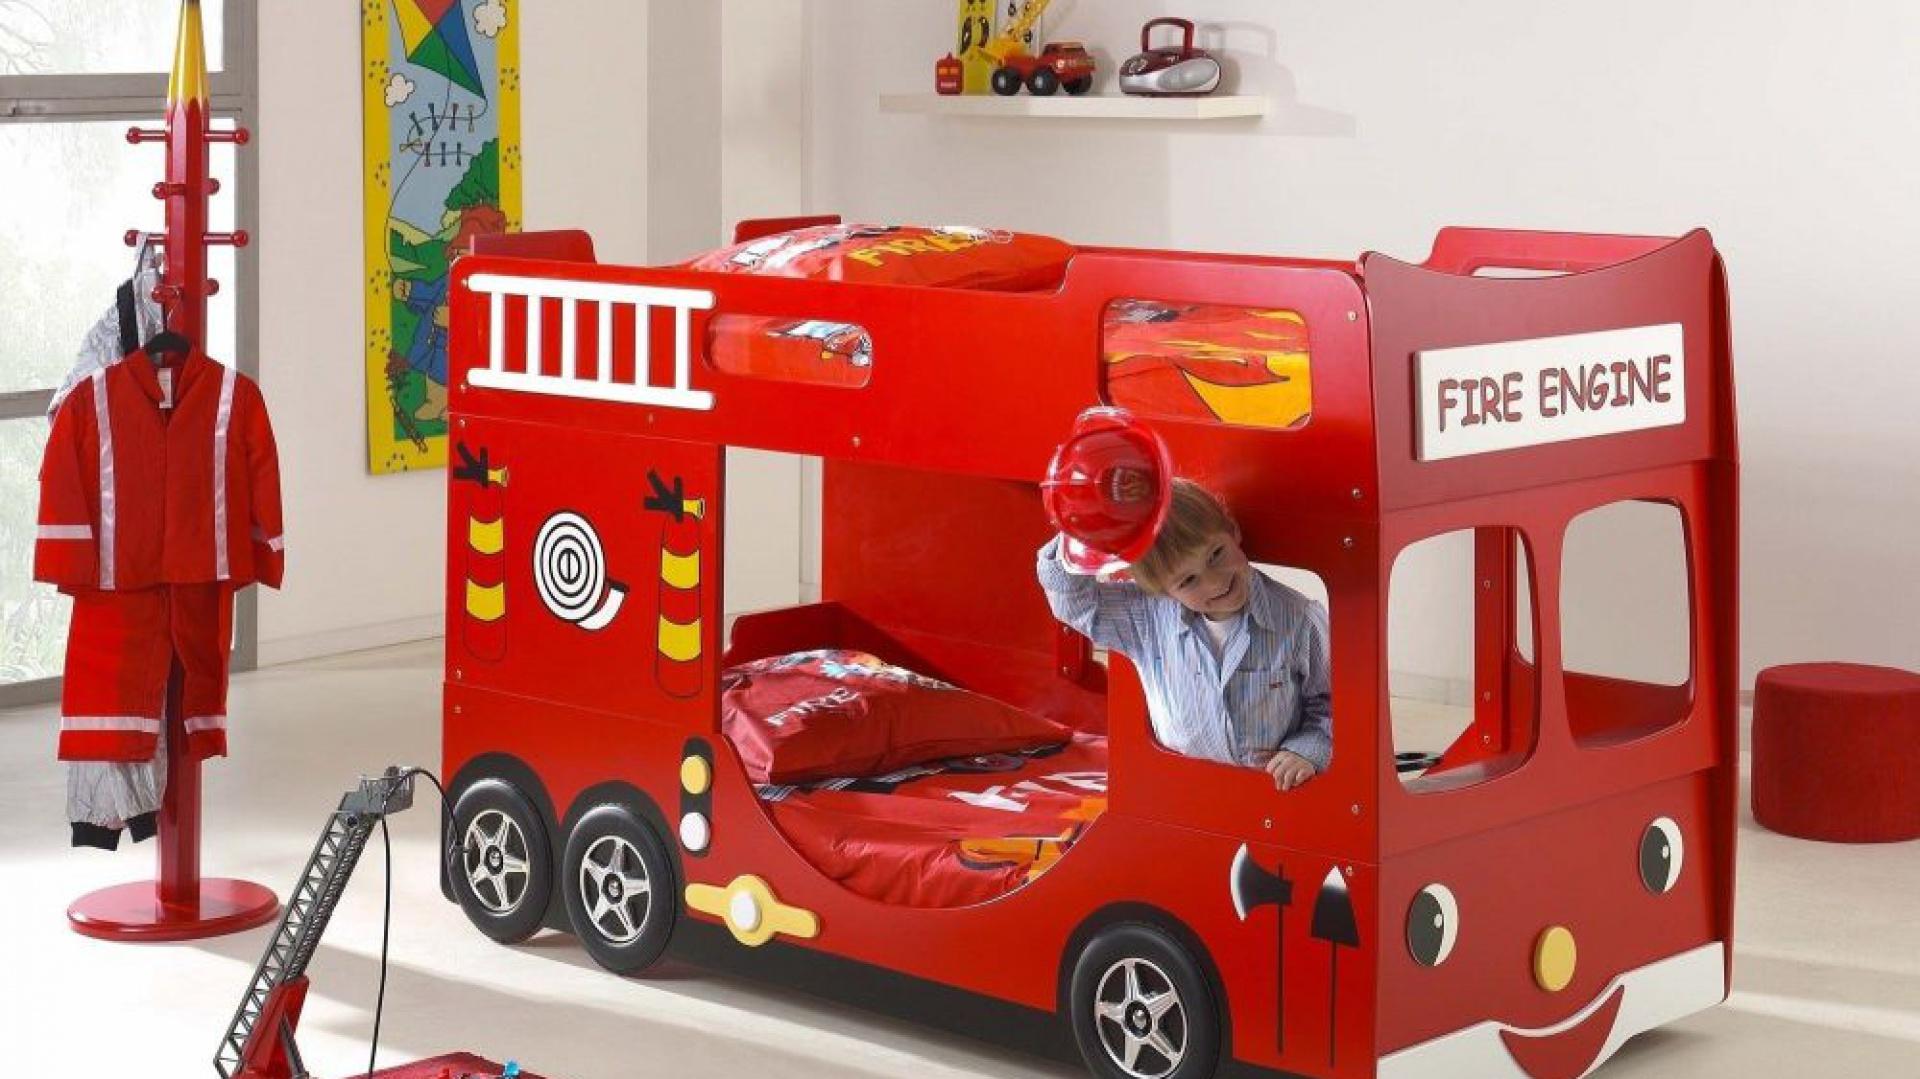 Piętrowe łóżko w kształcie wozu strażackiego to pomysł polskiego producenta mebli, marki Vipack. W zależności od upodobań i ilości dzieci mogą być wykorzystywane dwa poziomy lub jeden. Fot, Vipack.